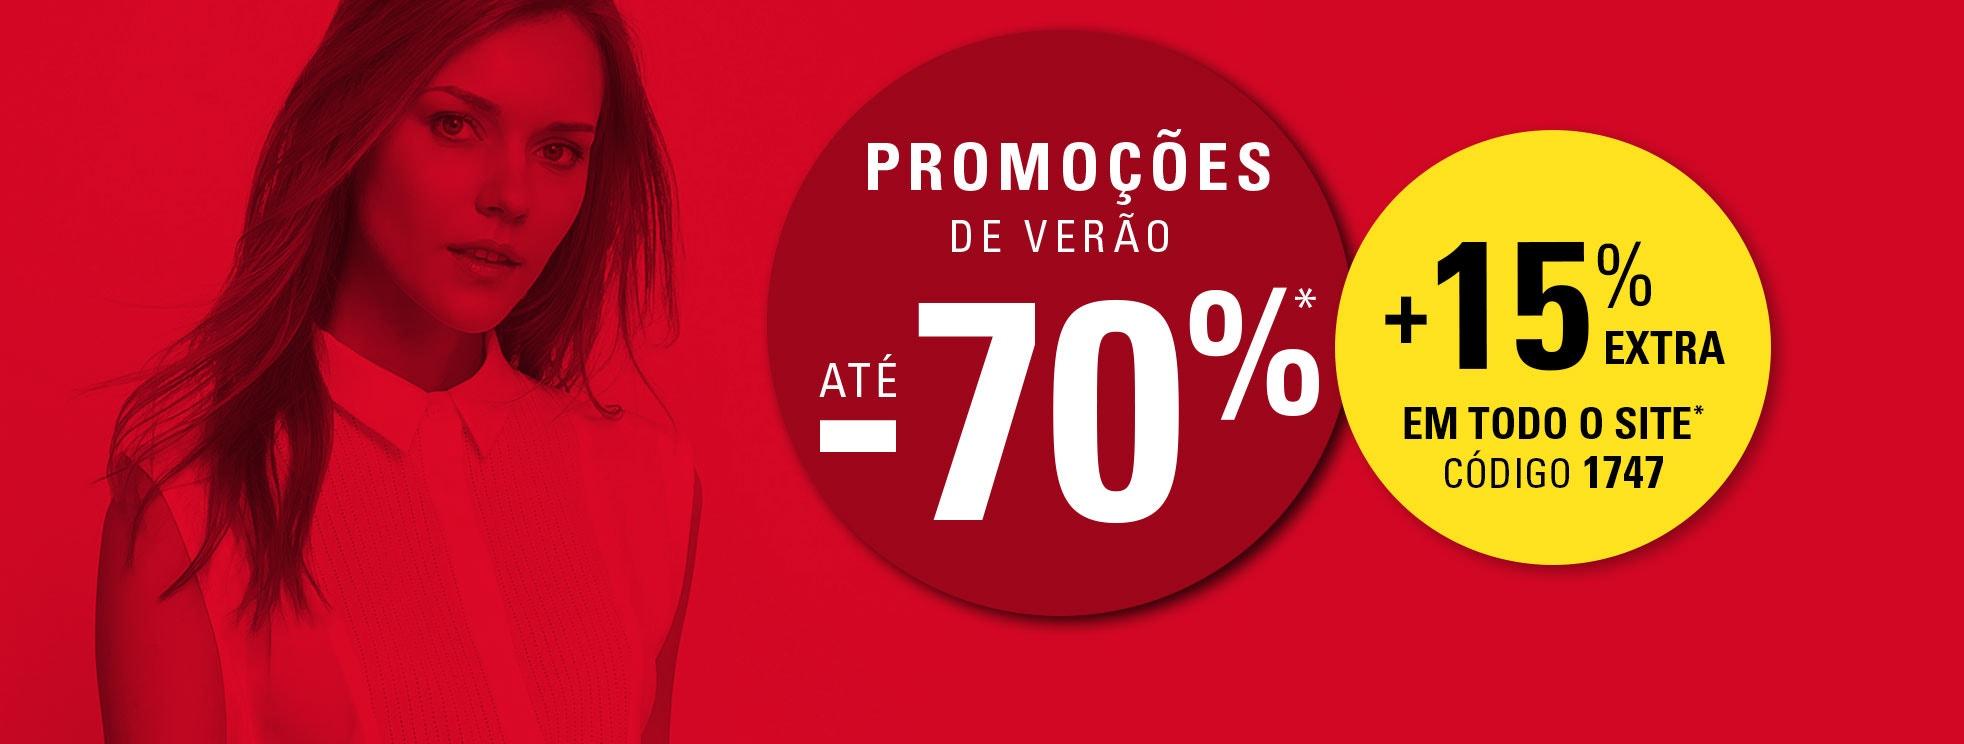 PROMOÇÕES DE VERÃO ATÉ -70%* + 15% EXTRA